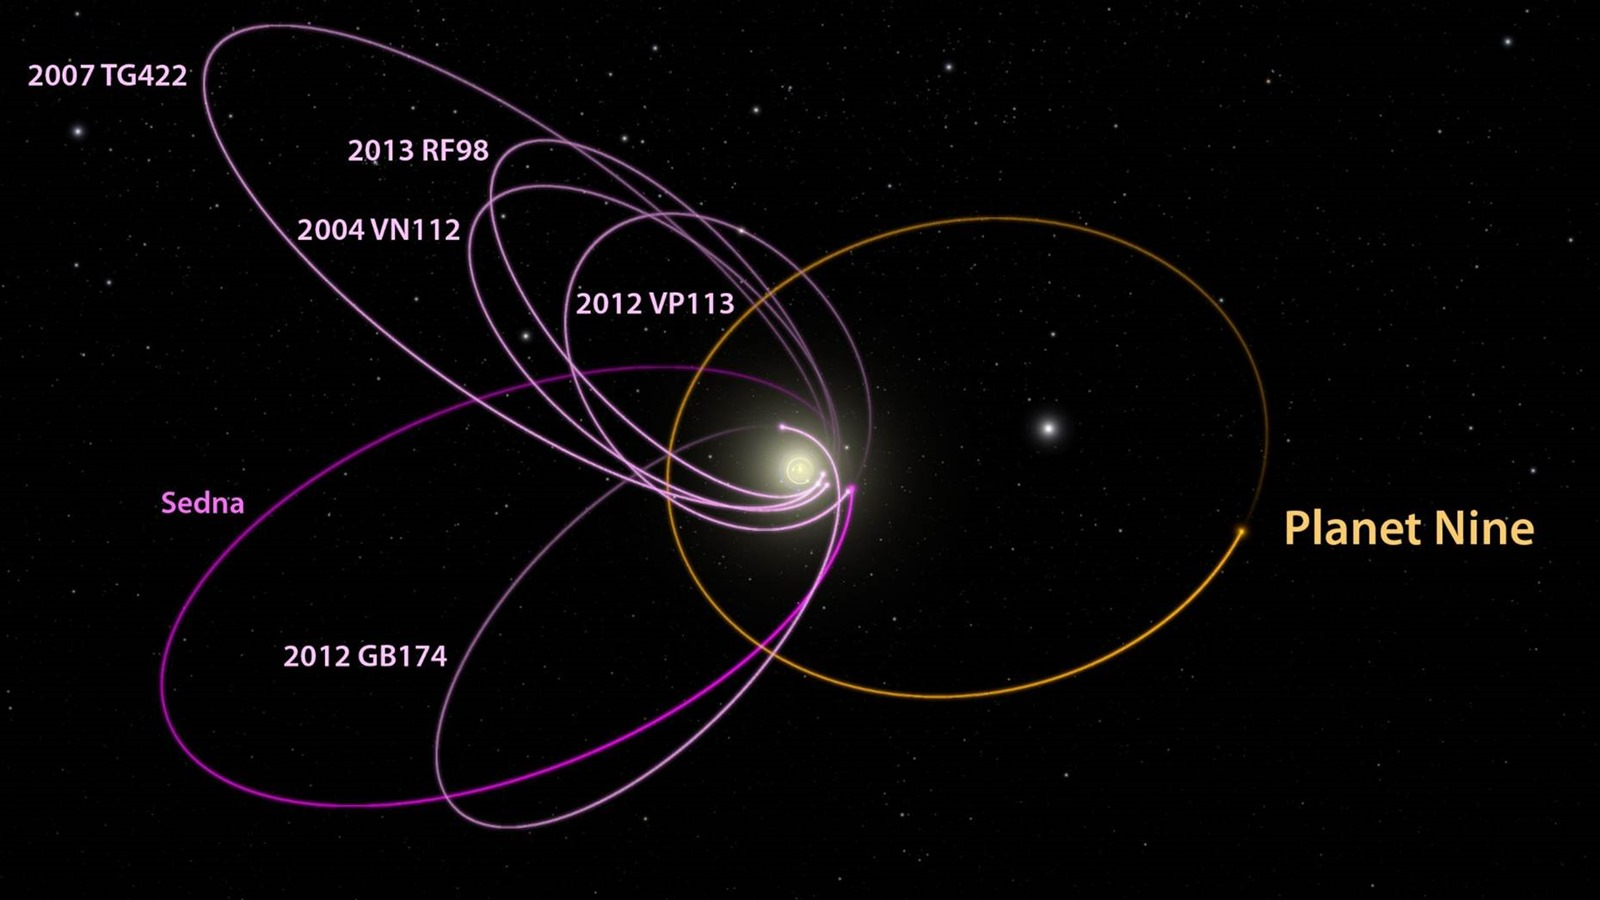 nom de planete lointaine